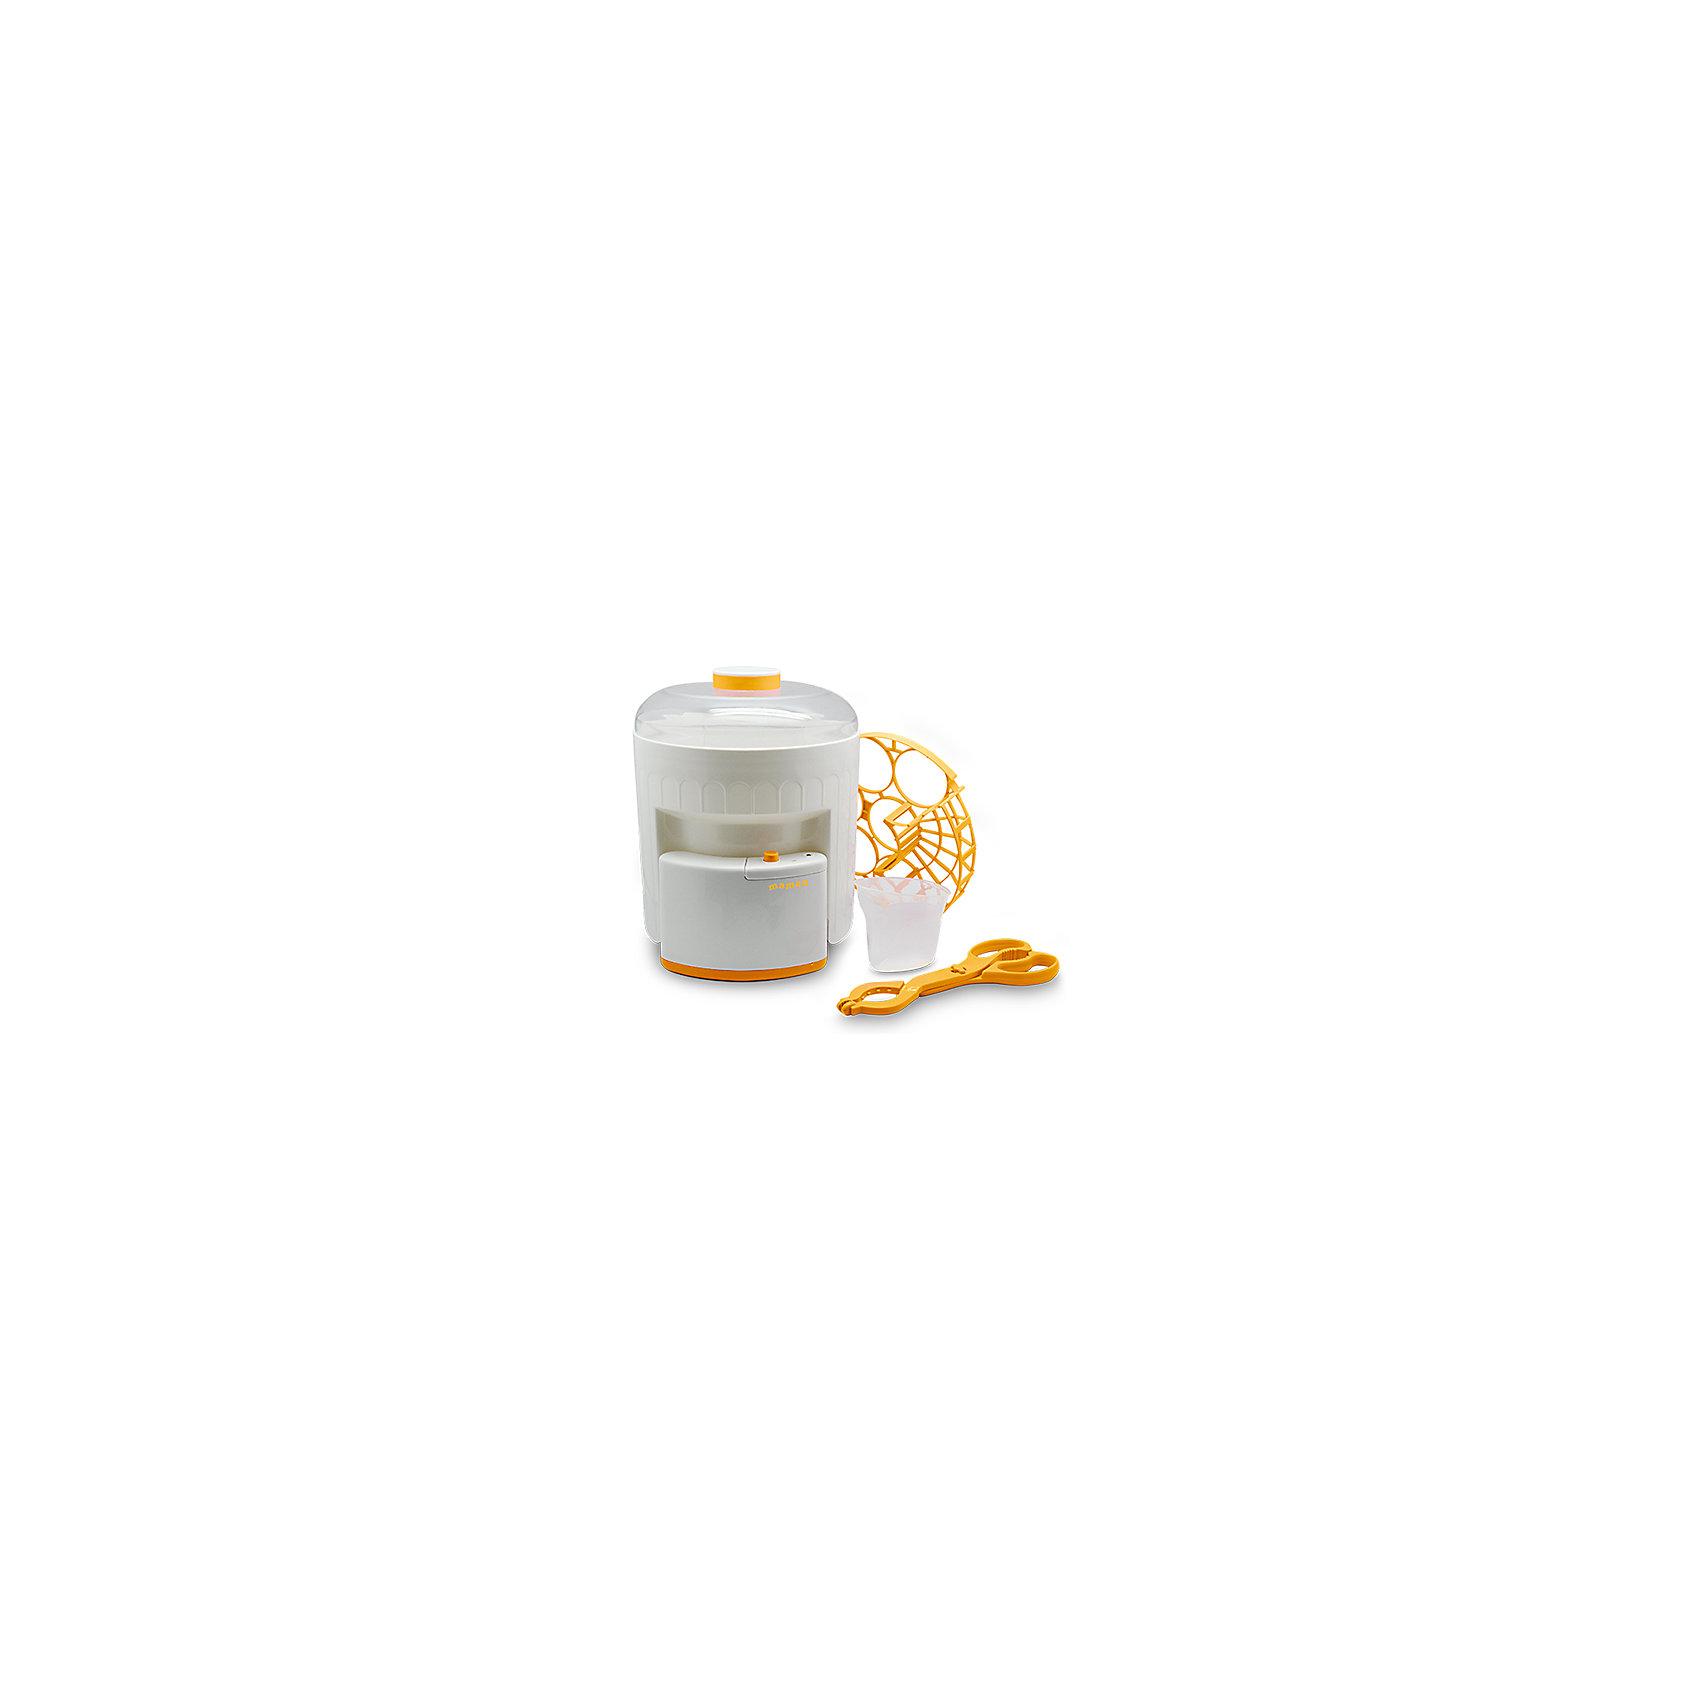 Стерилизатор Maman BY-03Предназначен <br>для стерилизации бутылочек для детского питания всех видов <br>(до 6 штук одновременно), а также аксессуаров, необходимых для кормления малыша.<br>Съемный держатель для укладки стерилизуемых предметов позволяет размещать в устройстве, одновременно с бутылочками, соски, пустышки, а также мелкие детали молокоотсоса.<br>Световой индикатор на корпусе стерилизатора отображает включение устройства и гаснет после завершения процесса стерилизации.<br>В комплекте: основа стерилизатора, бачок, крышка, держатель для укладки предметов, щипцы для безопасного извлечения горячих предметов, мерный стаканчик, руководство пользователя.<br><br>Ширина мм: 227<br>Глубина мм: 230<br>Высота мм: 270<br>Вес г: 729<br>Возраст от месяцев: 0<br>Возраст до месяцев: 36<br>Пол: Унисекс<br>Возраст: Детский<br>SKU: 3375642